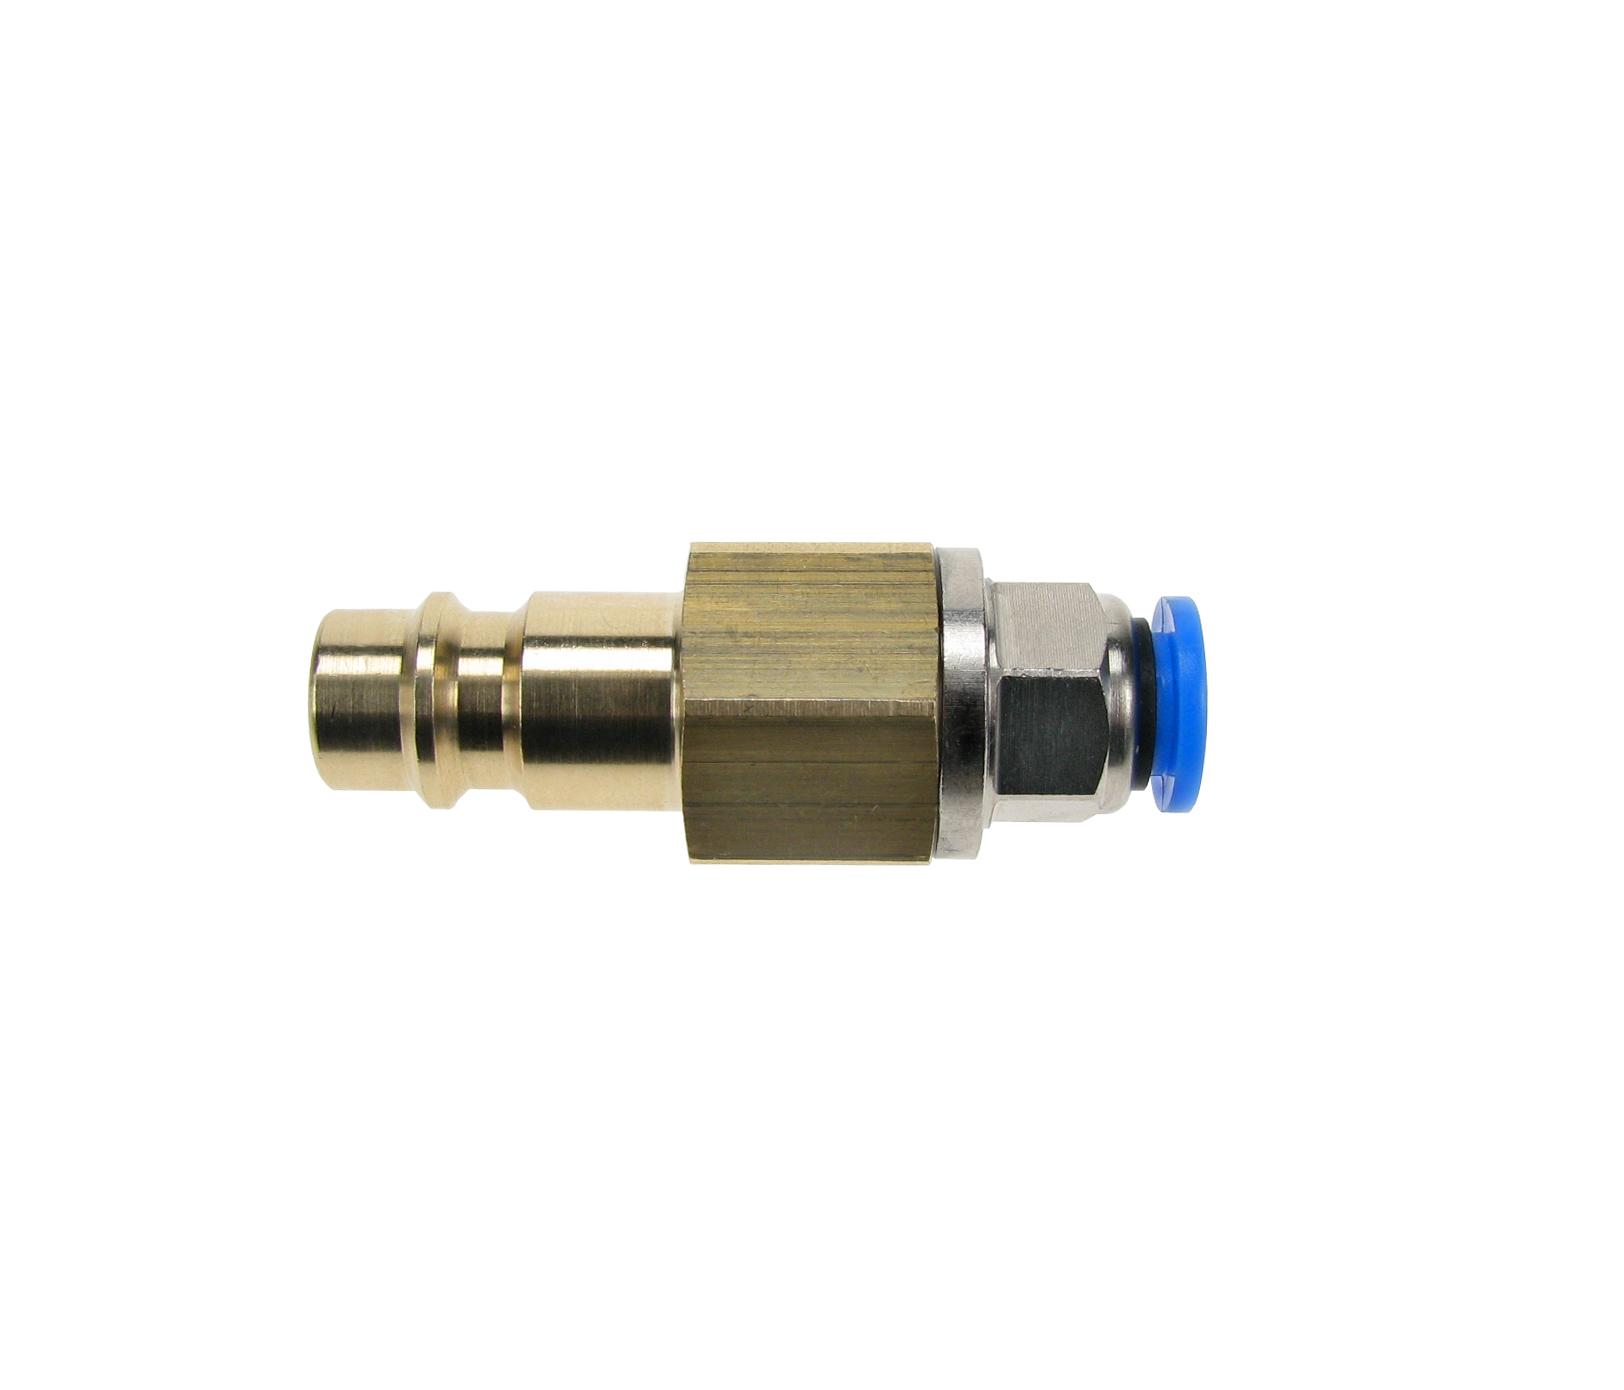 Stecker für Schnellkupplung DN 7,2 mit Schlauchschnellkupplung für Schlauch-Außen-Ø 6 mm